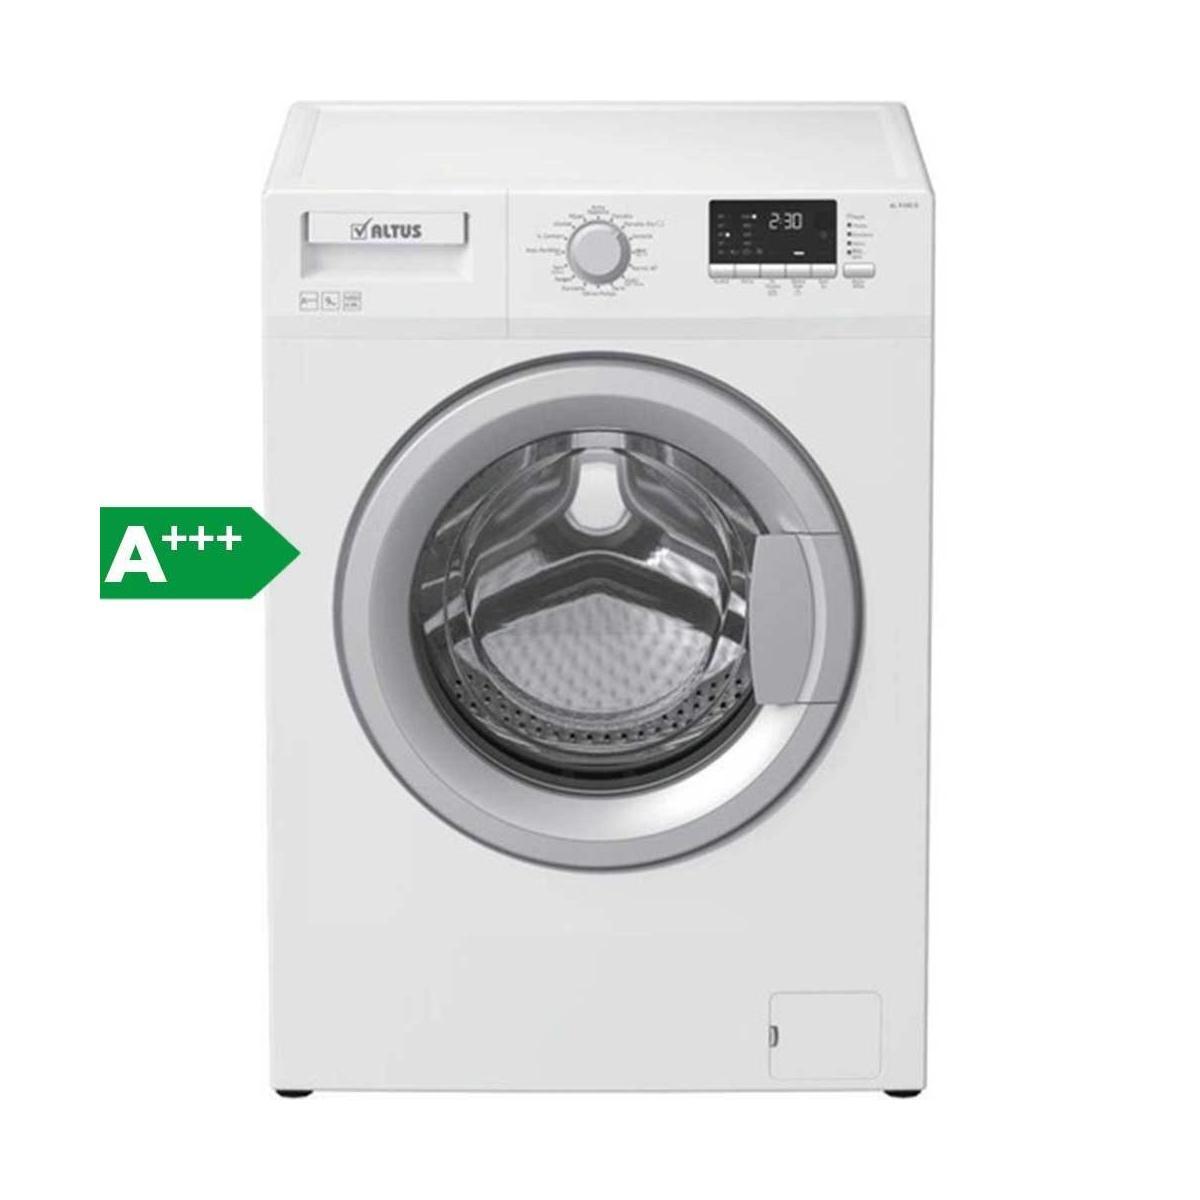 Altus Çamaşır Makineleri Fiyatları